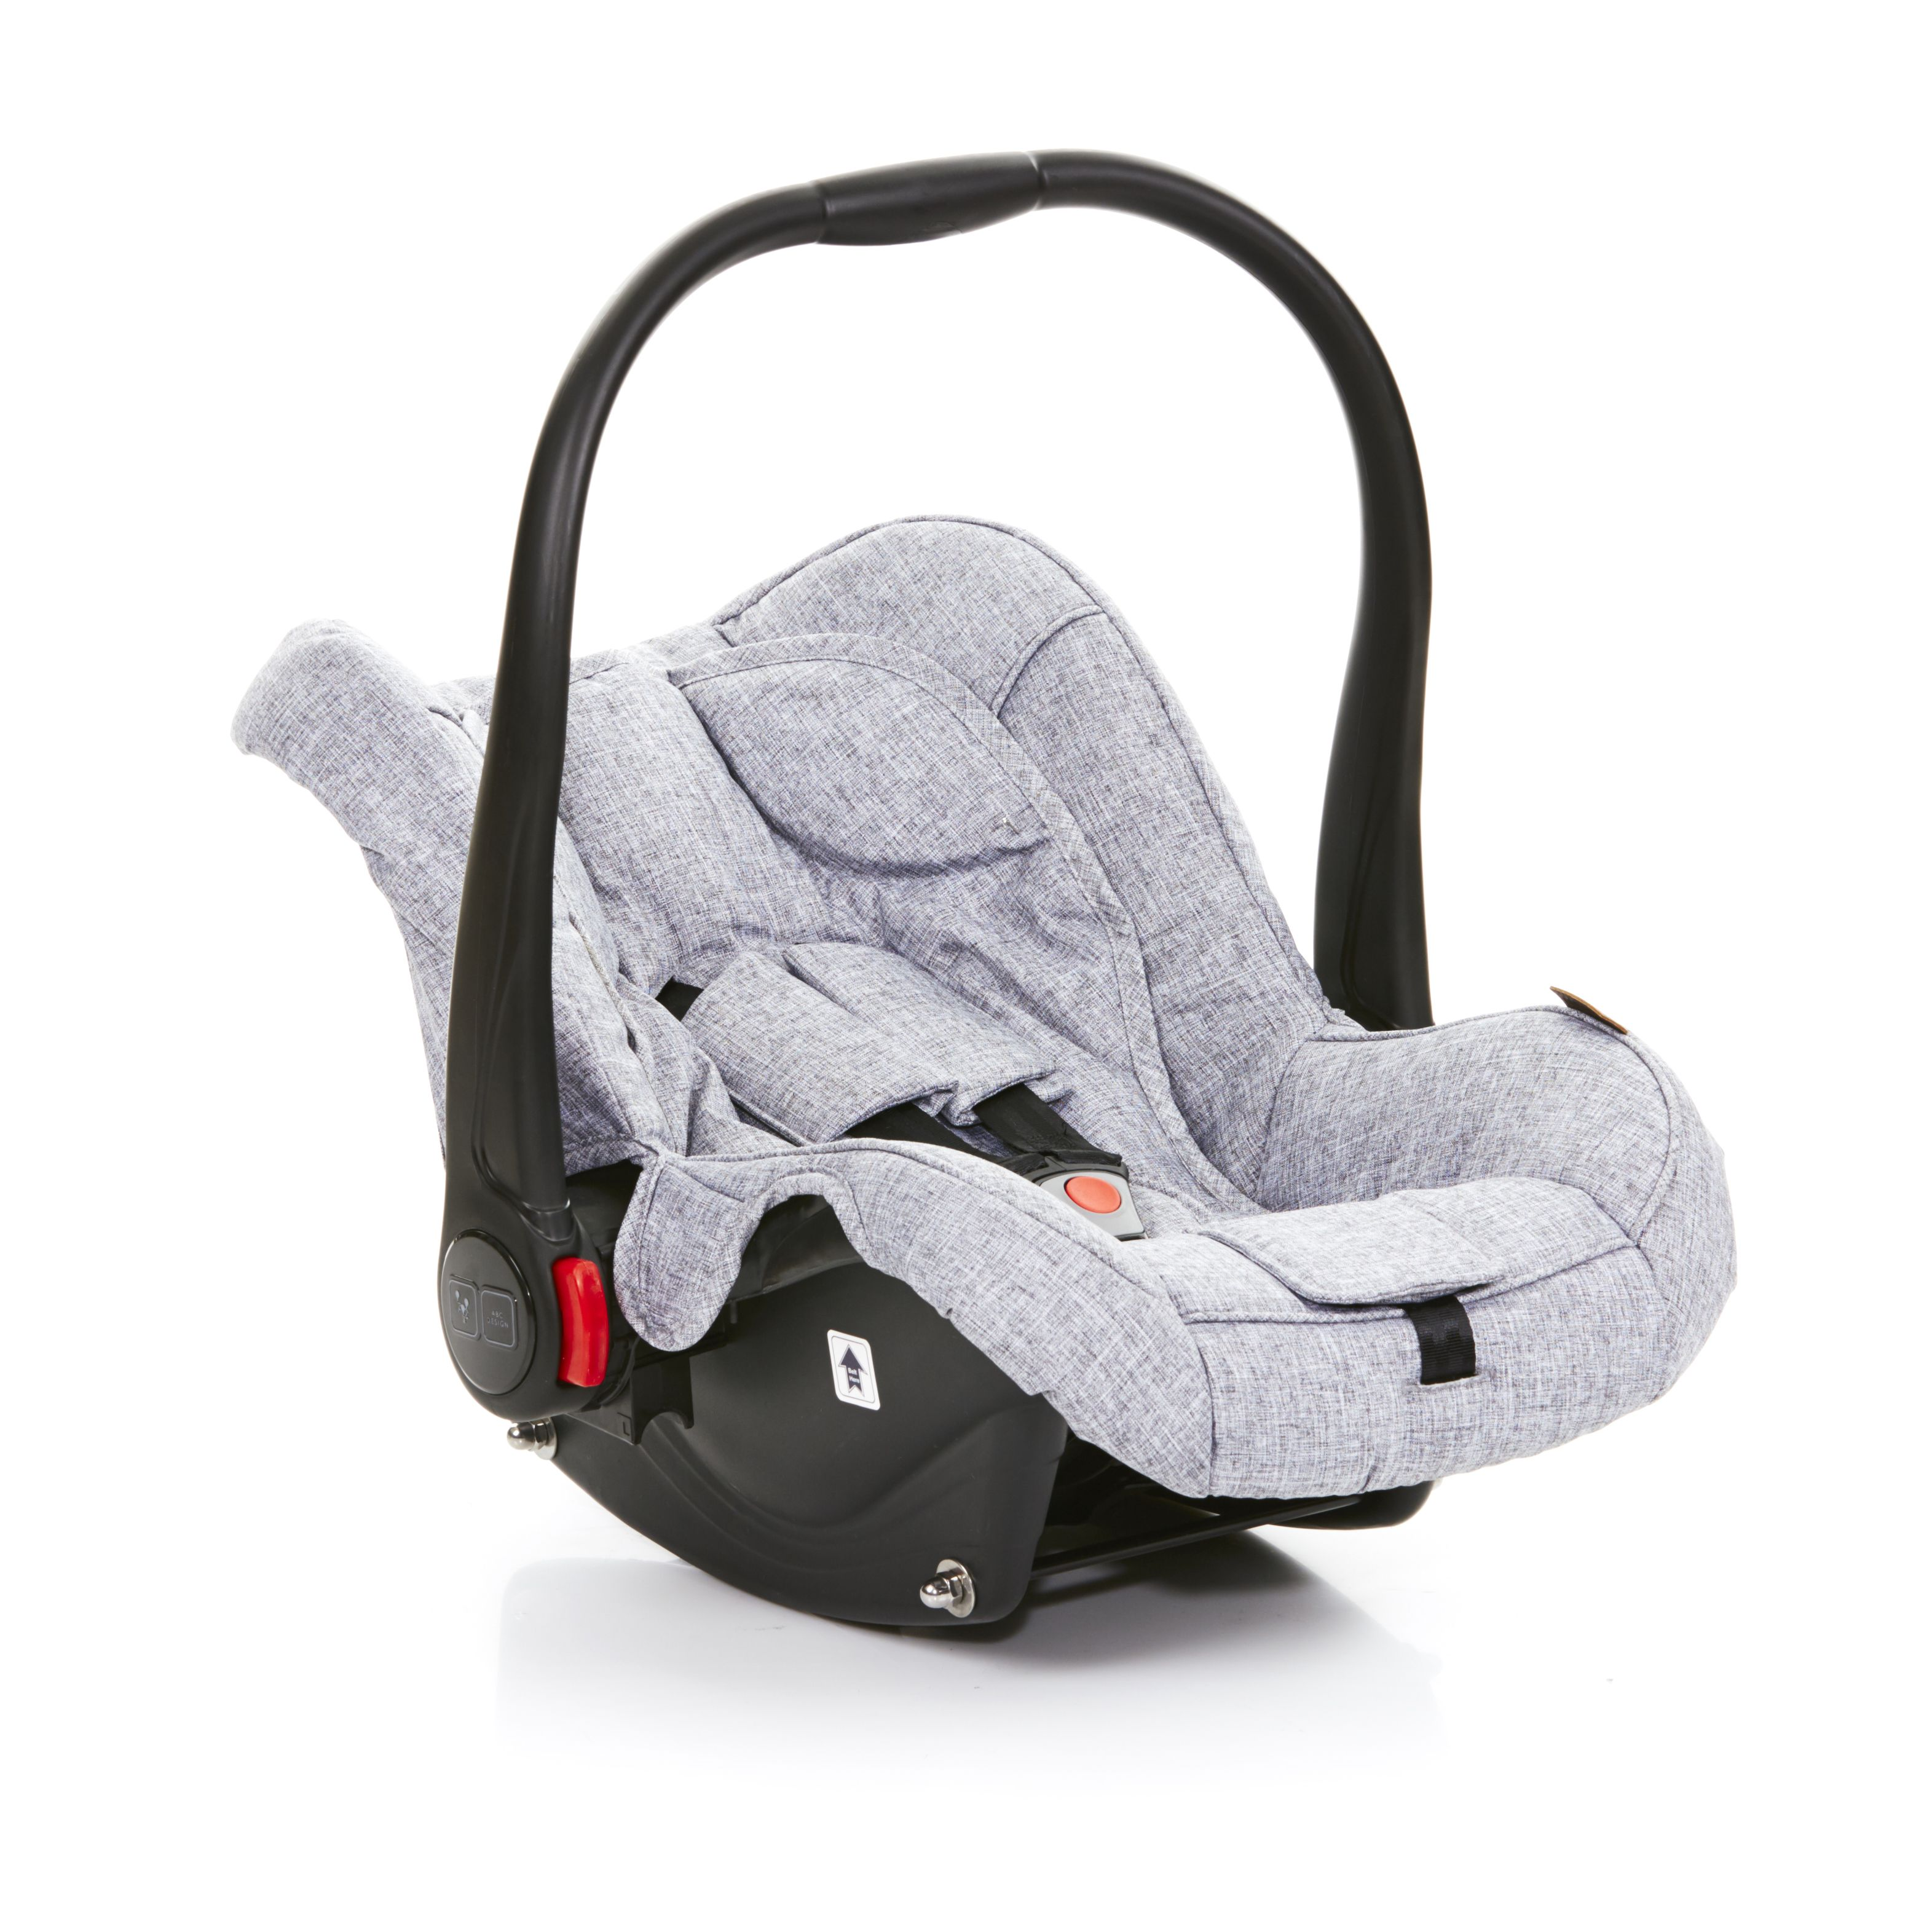 abc design infant car seat hazel 2018 graphite grey buy at kidsroom car seats. Black Bedroom Furniture Sets. Home Design Ideas